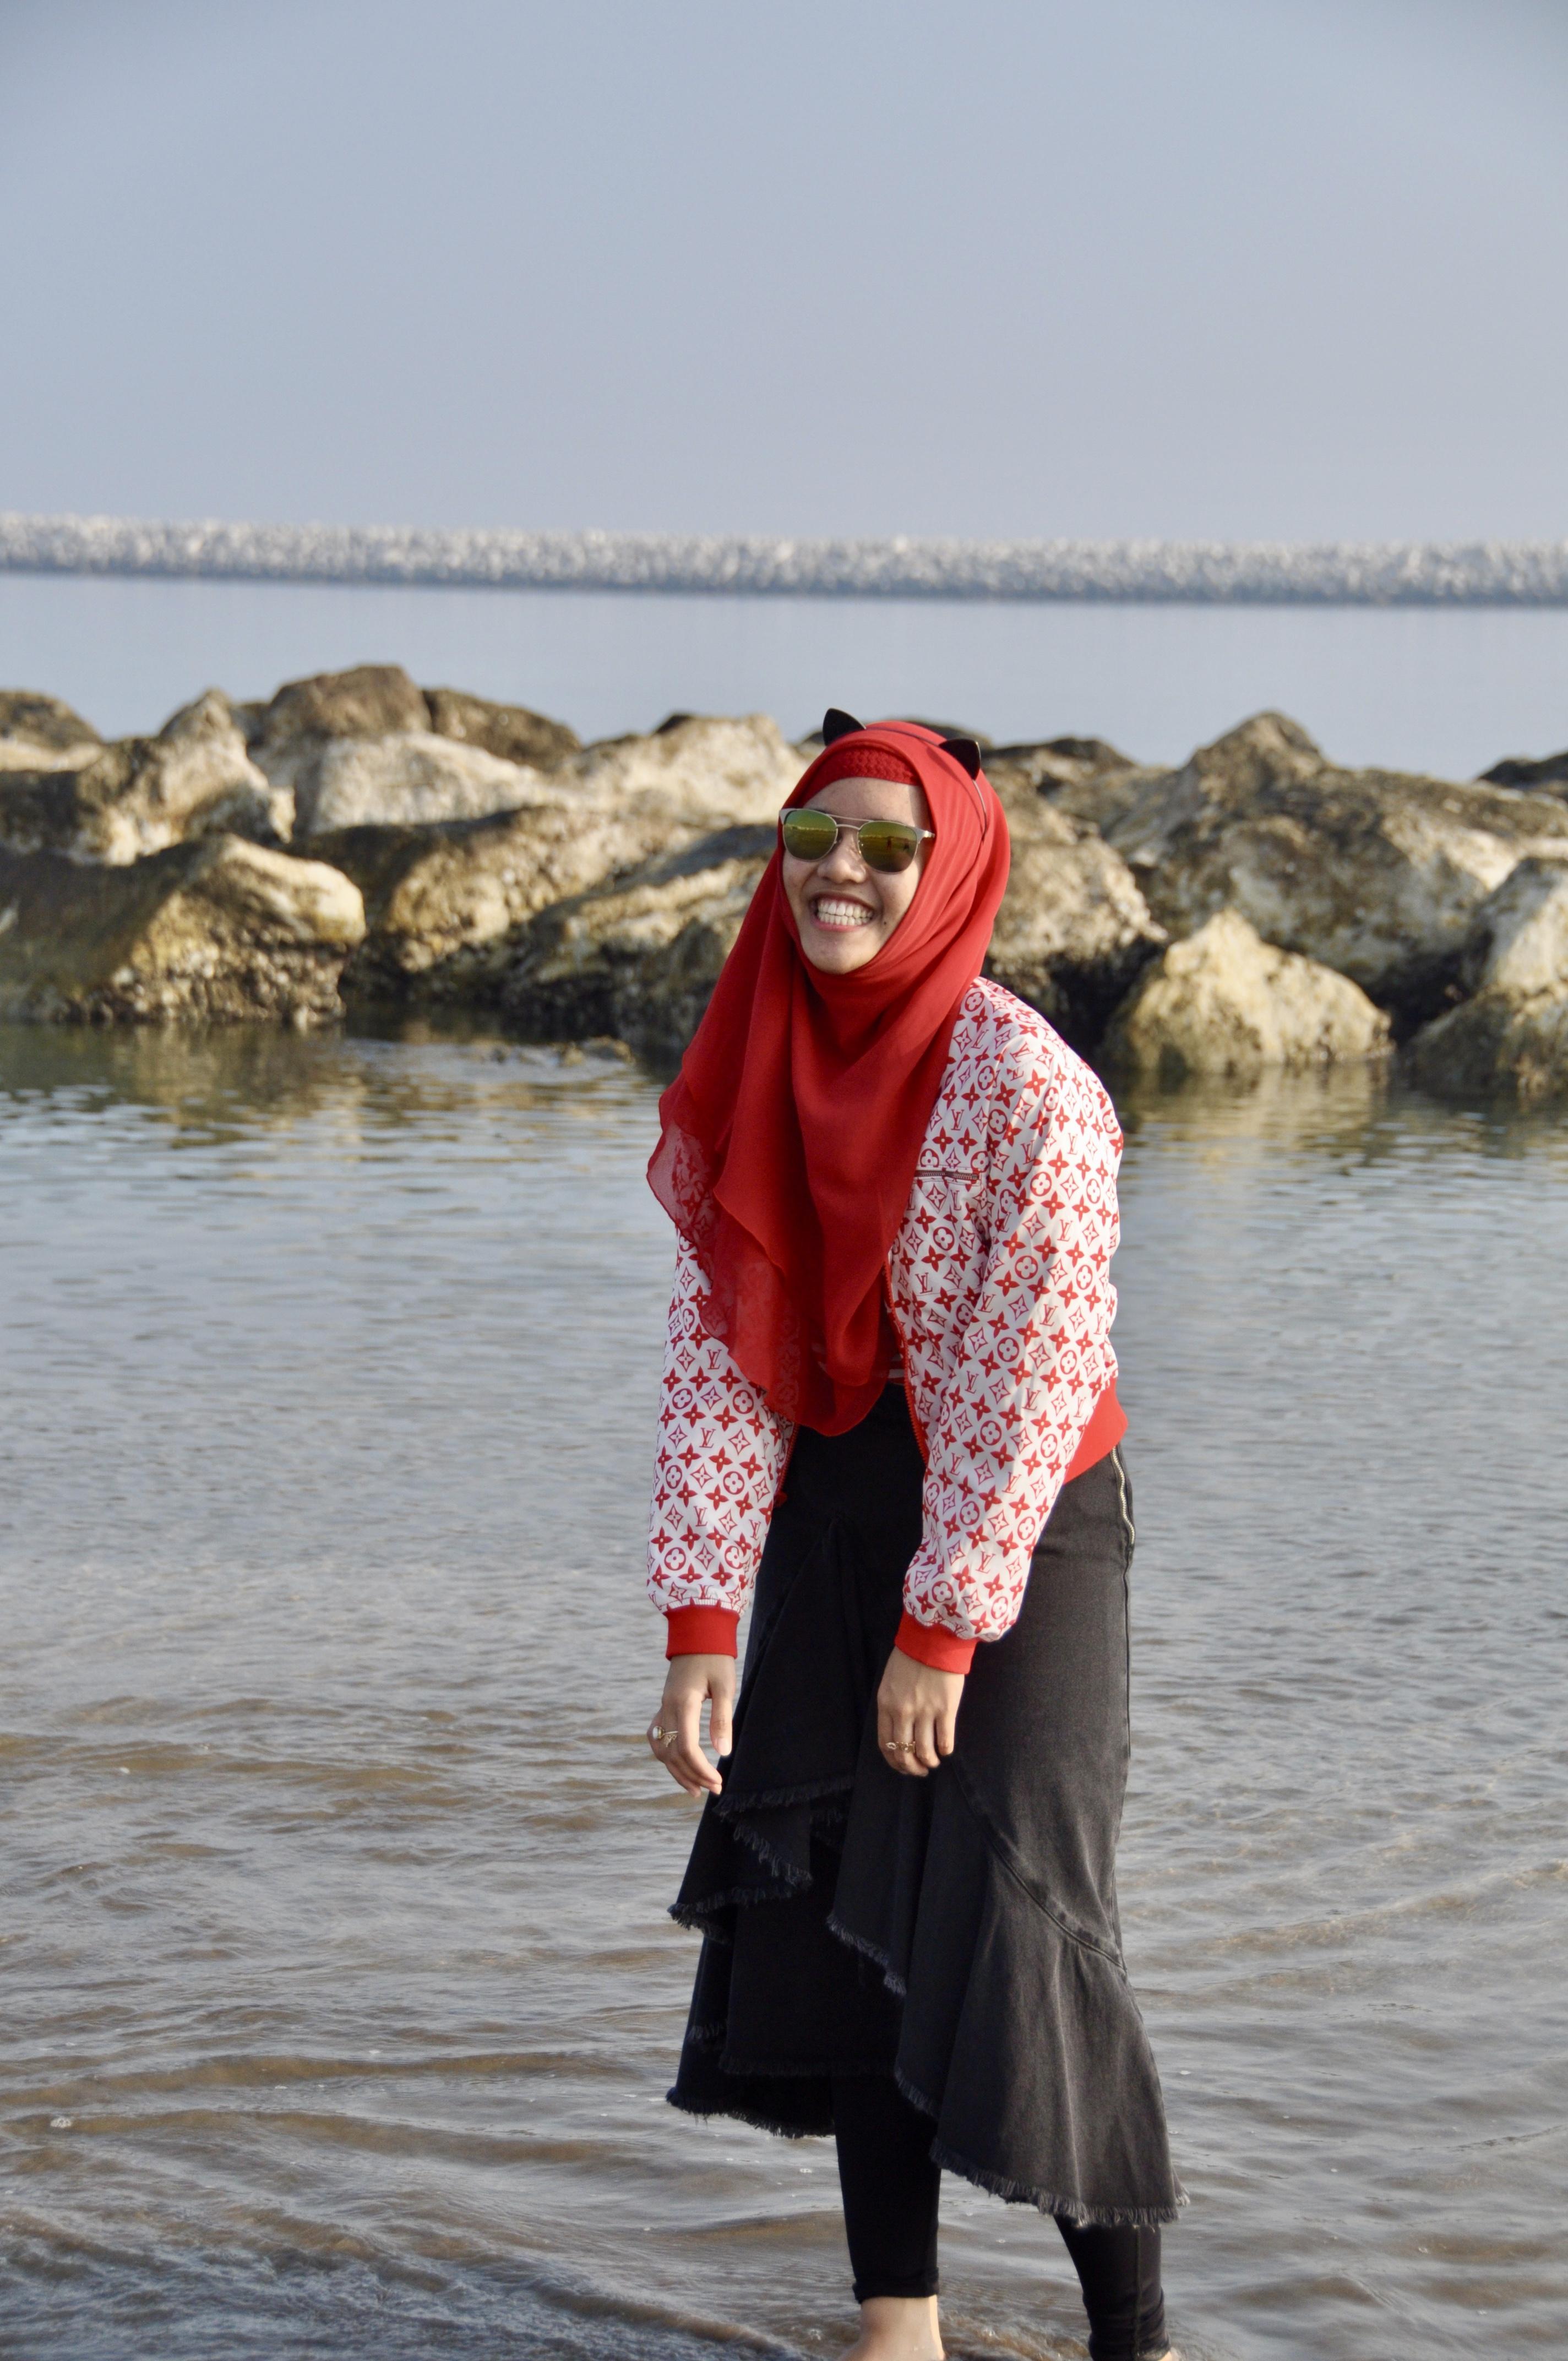 helloconchita conchita modest fashion hijab muslimah muslim girl